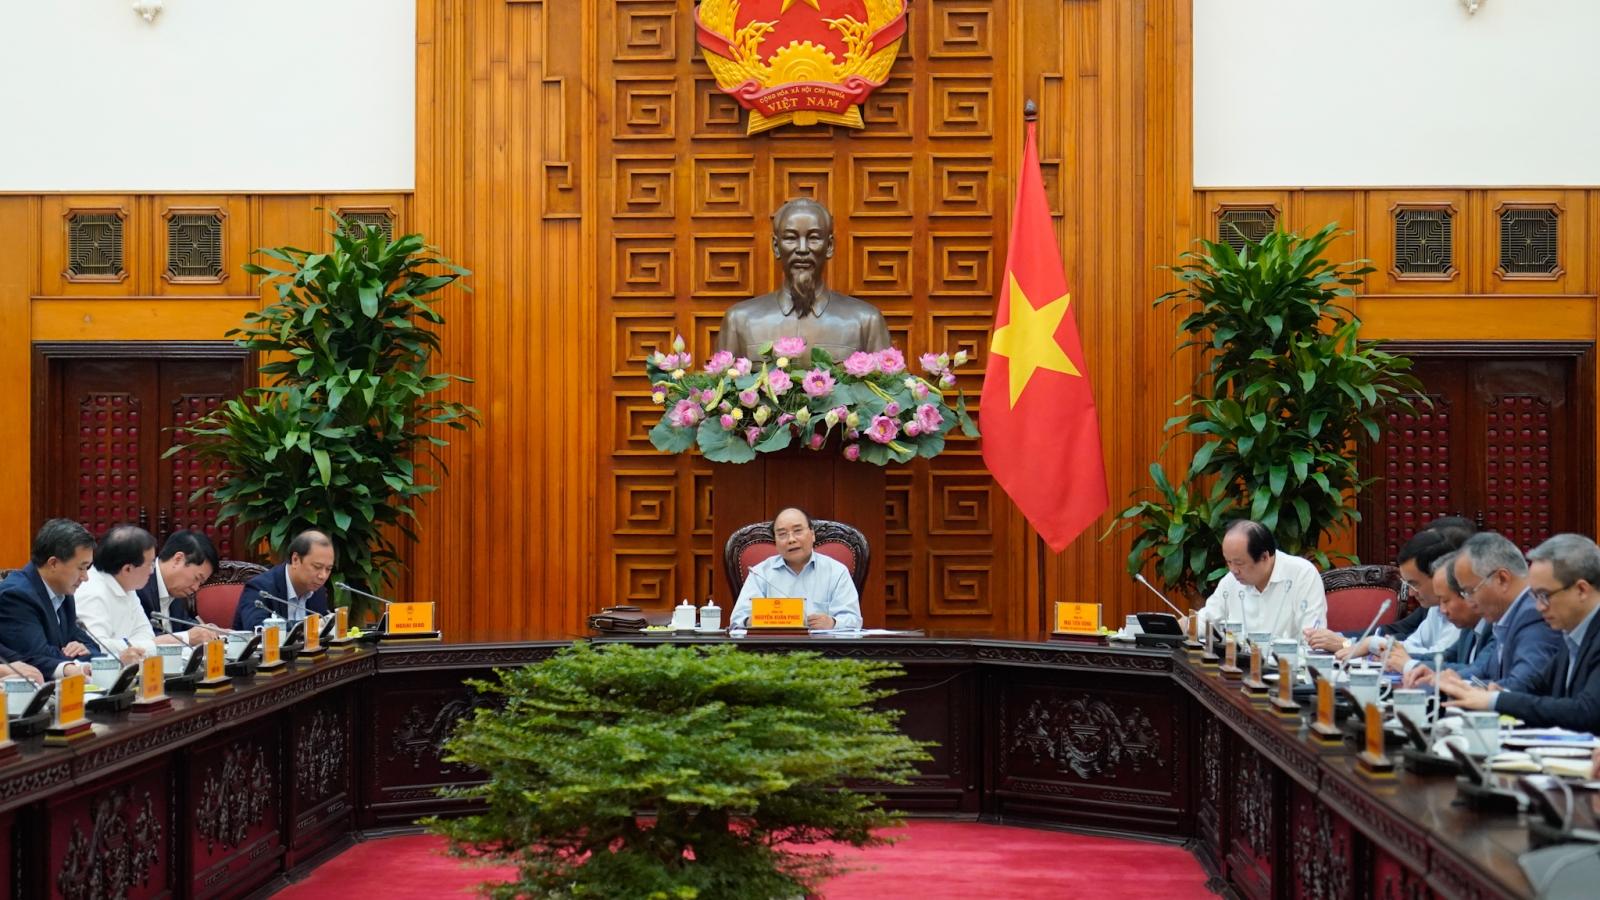 Thủ tướng chỉ đạo phải chuẩn bị tốt nhất cho Hội nghị ASEAN 37